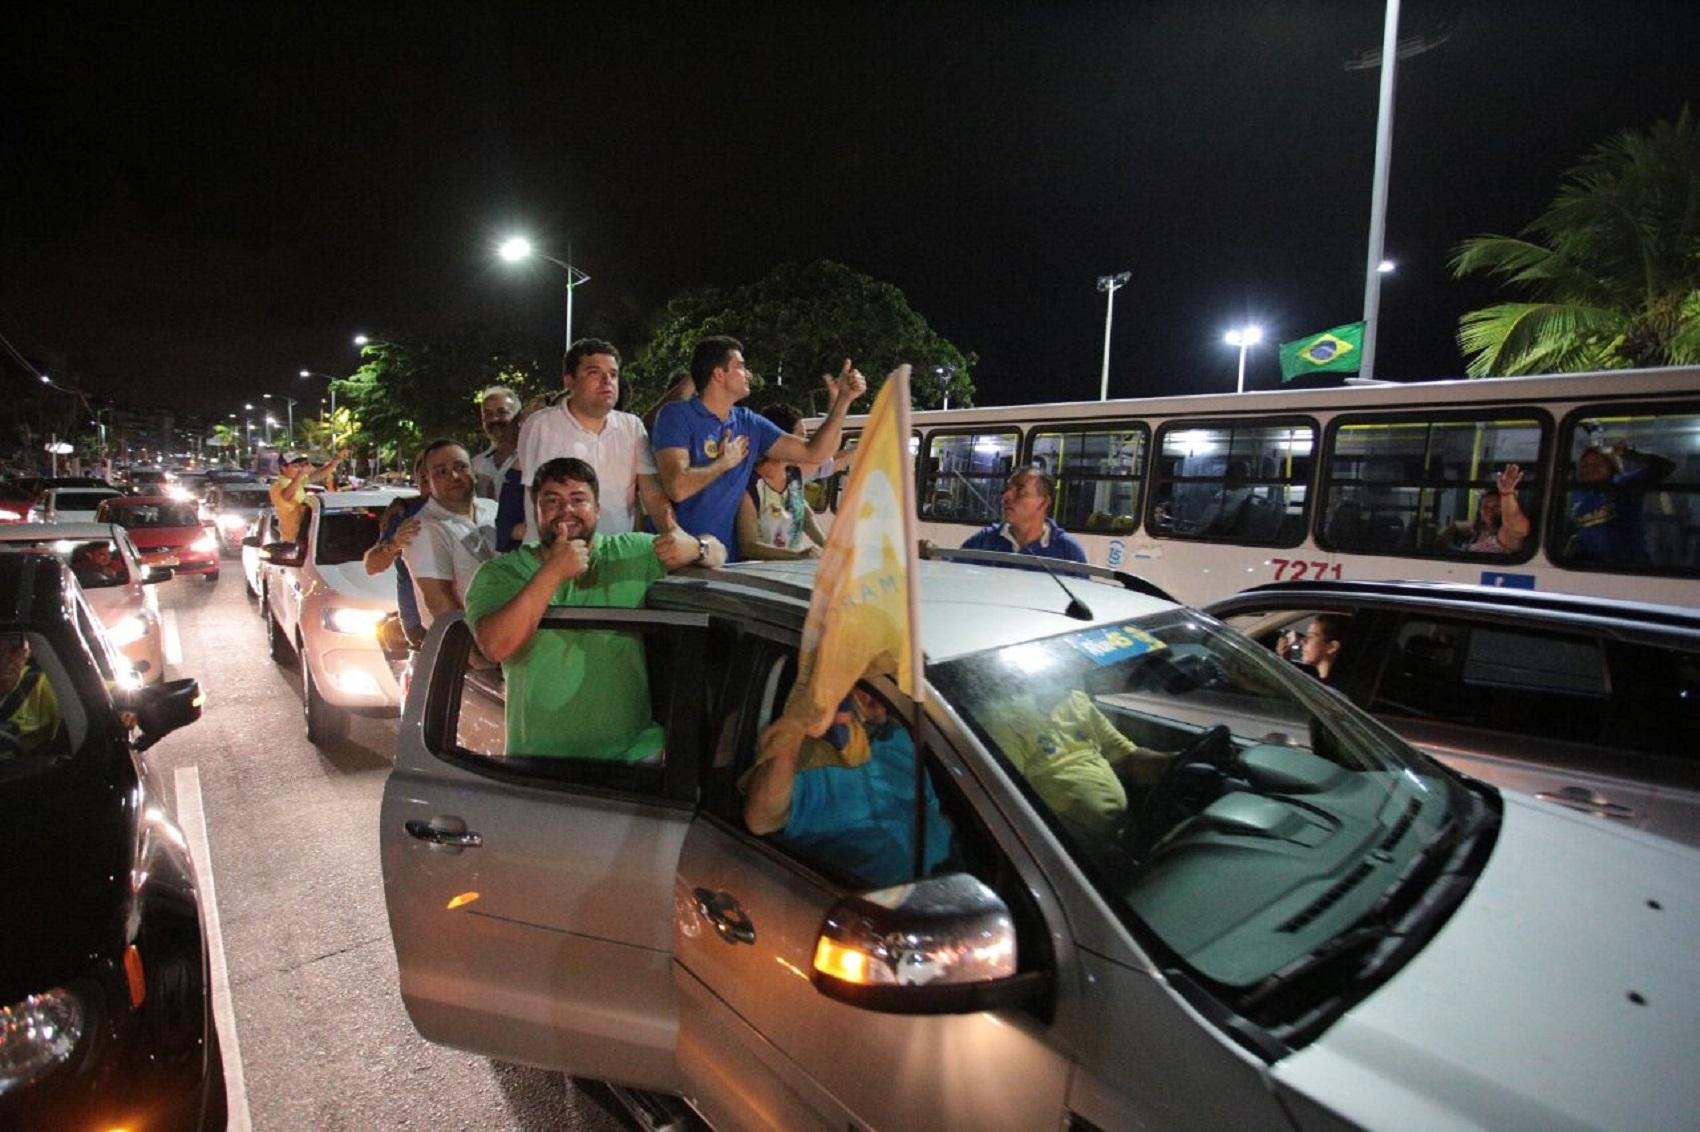 Prefeito Rui Palmeira sai em carreata para comemorar reeleição em Maceió